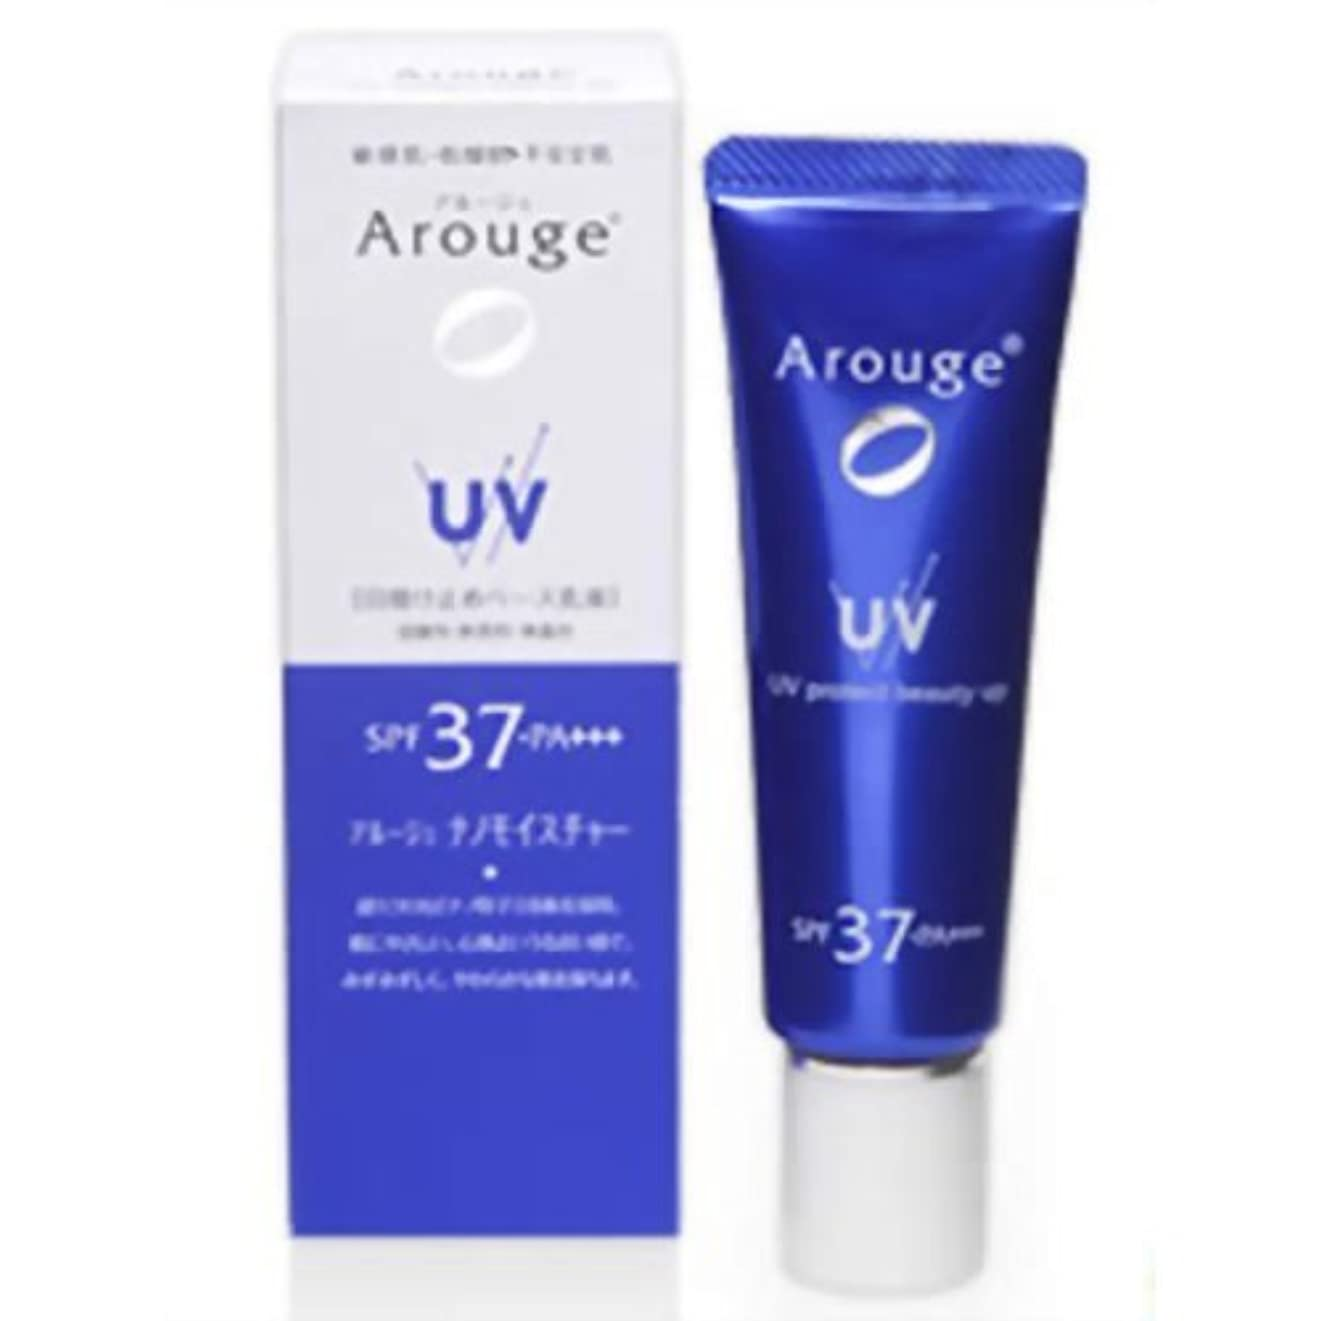 昆虫嫌い照らすアルージェ UVプロテクトビューティーアップ 25g